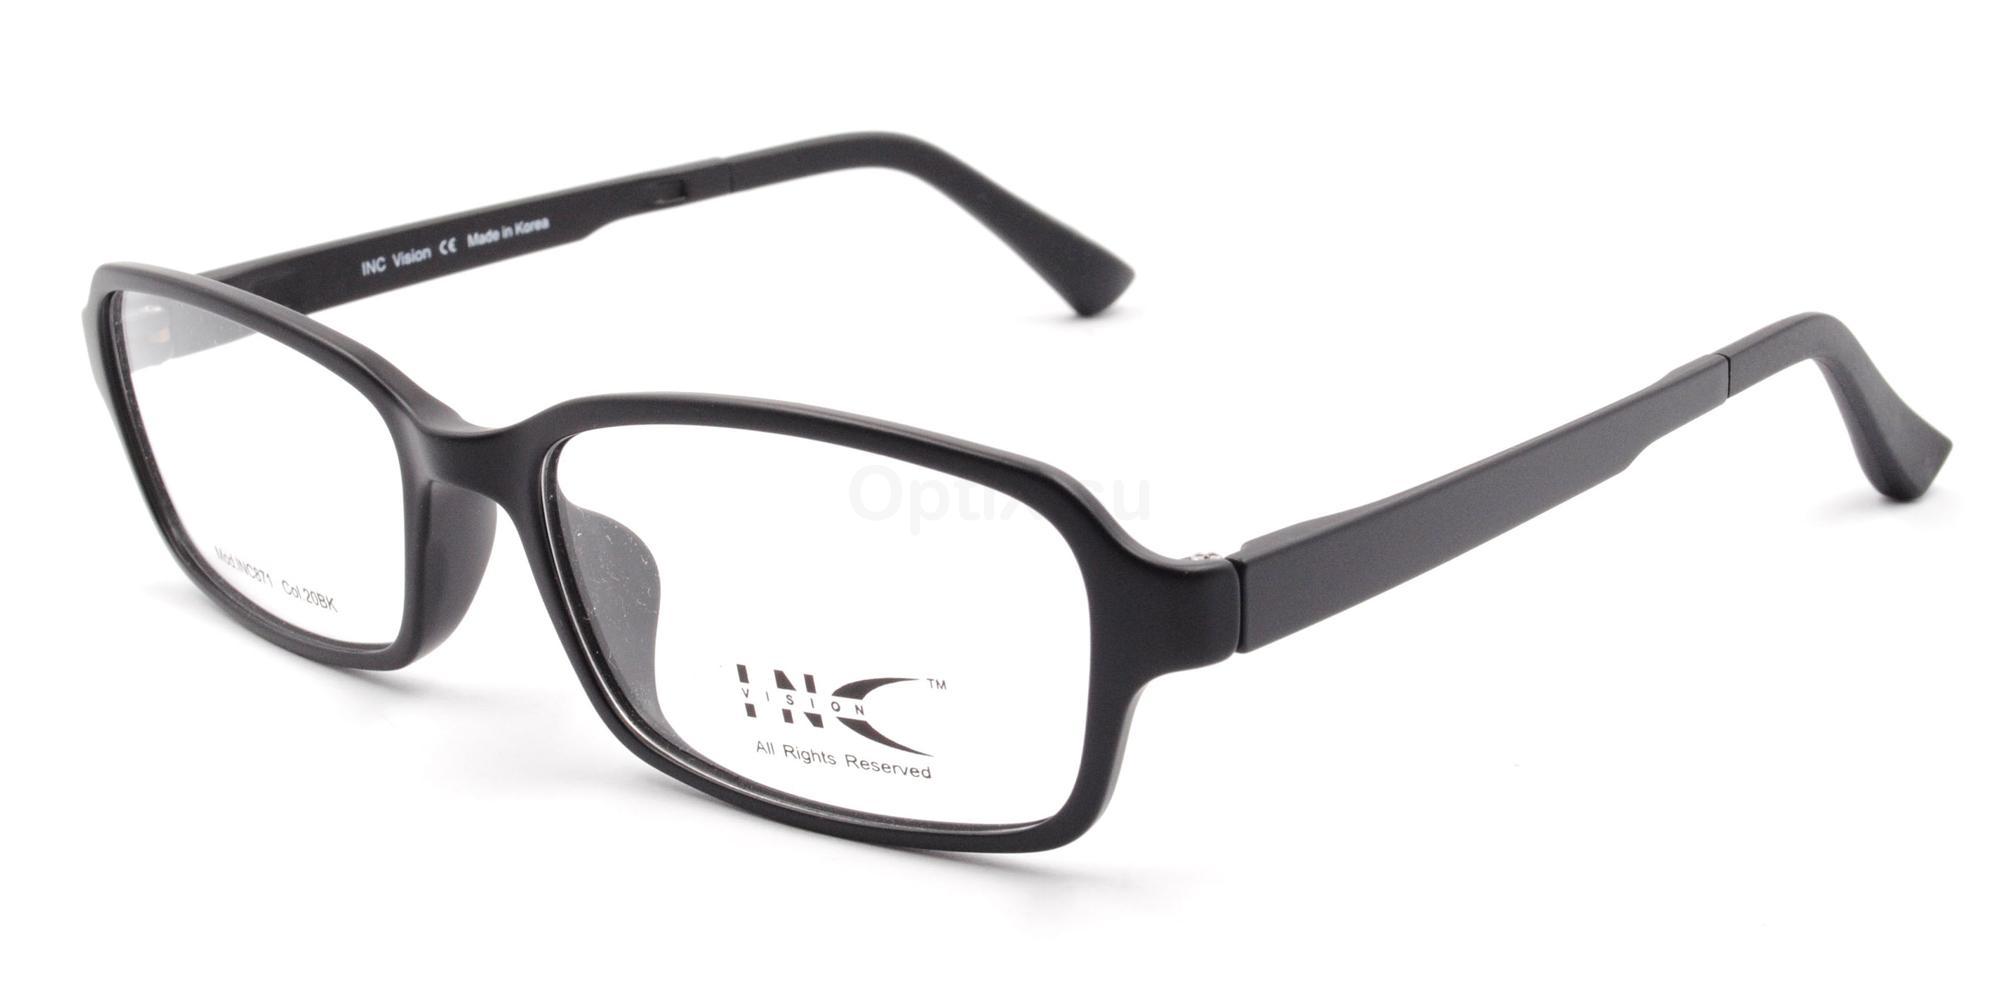 20BK INC 871 , INC Vision